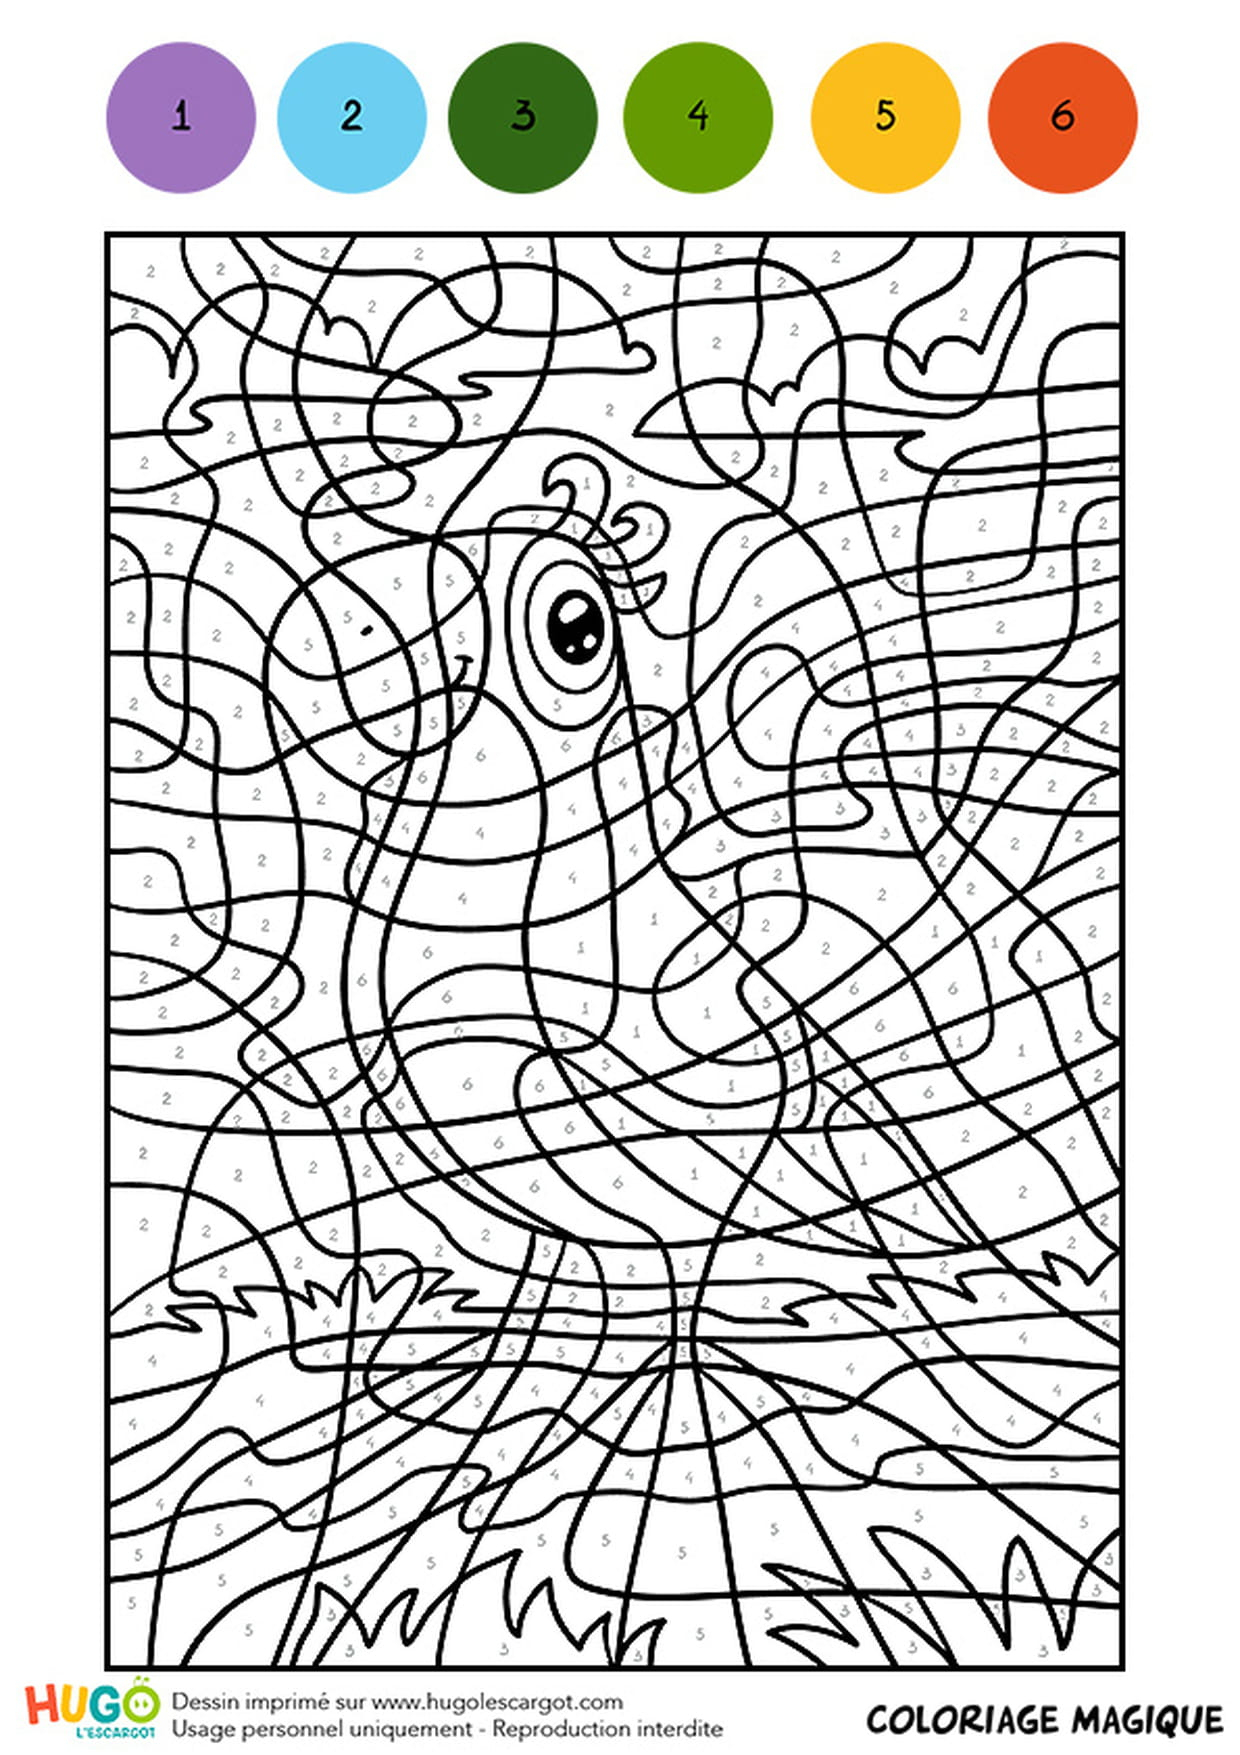 Coloriage Magique Cm1, L'oiseau À L'écharpe Verte dedans Coloriage En Ligne Difficile